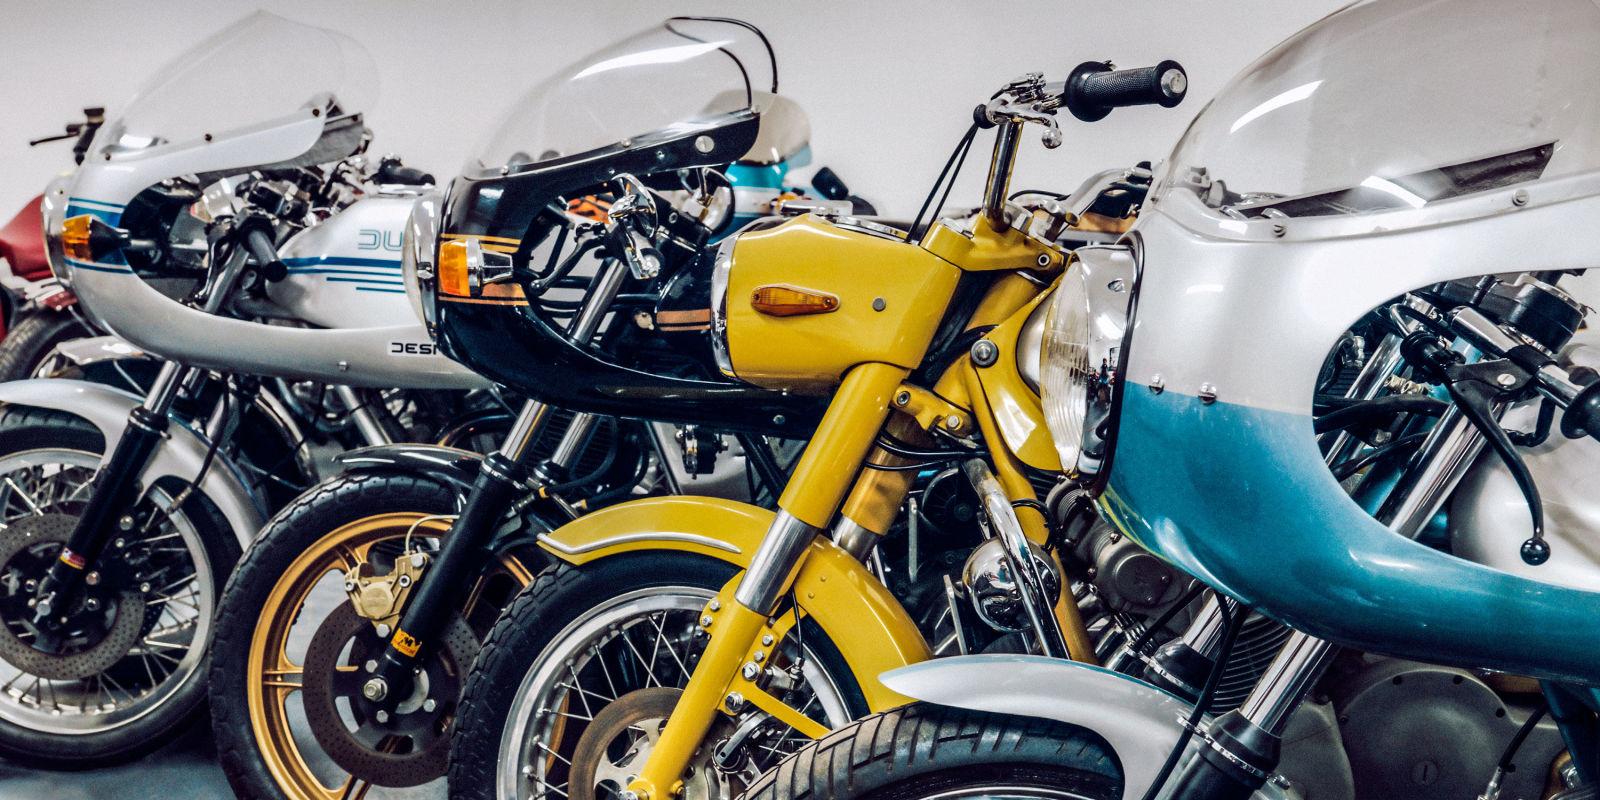 باشگاه خبرنگاران -قیمت انواع موتورسیکلت صفرکیلومتر در بازار + جدول